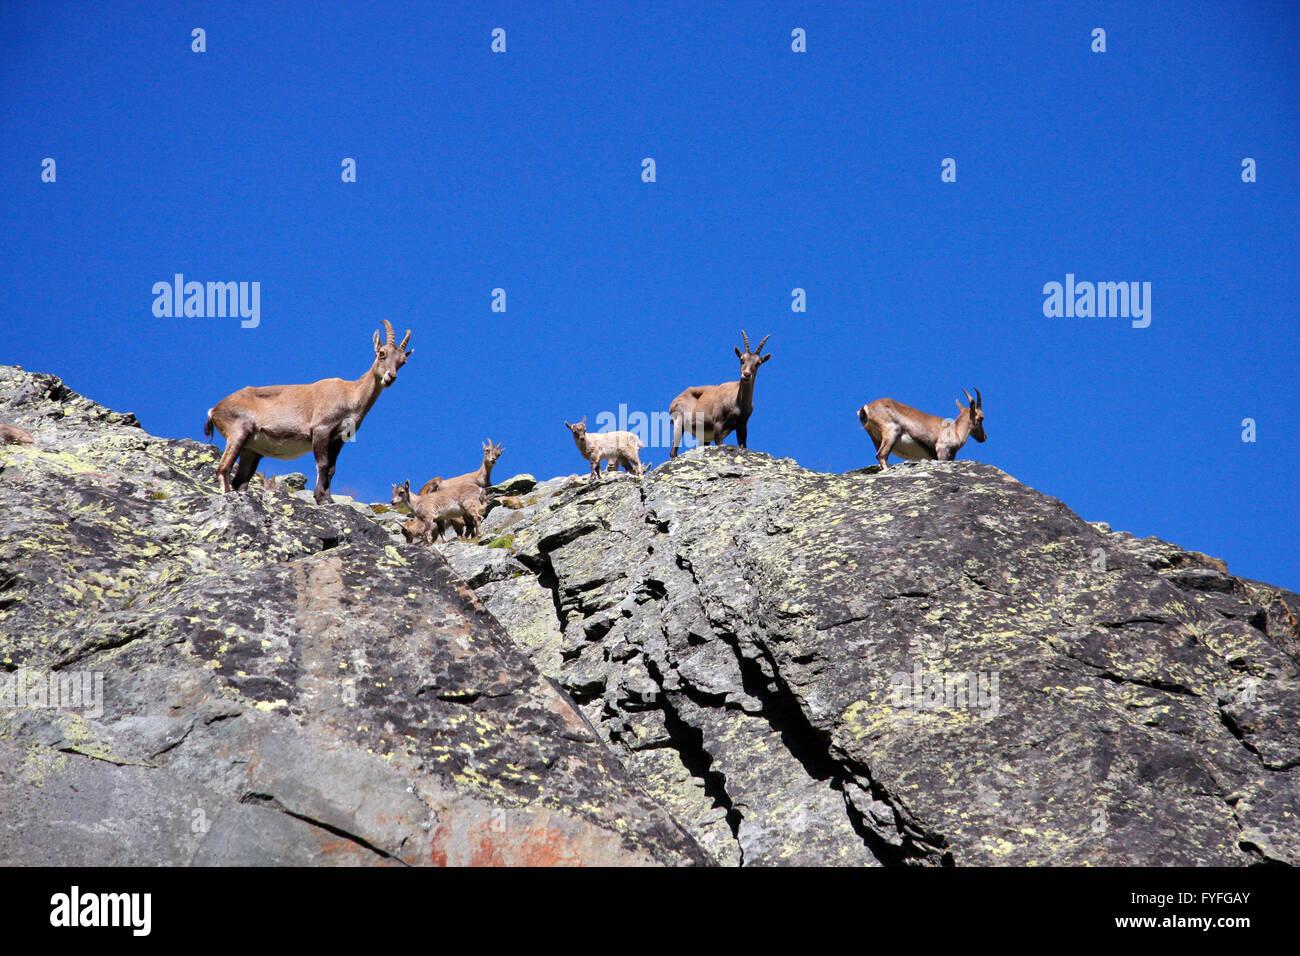 Steinbockfamilie, schweizer Alpen. - Stock Image